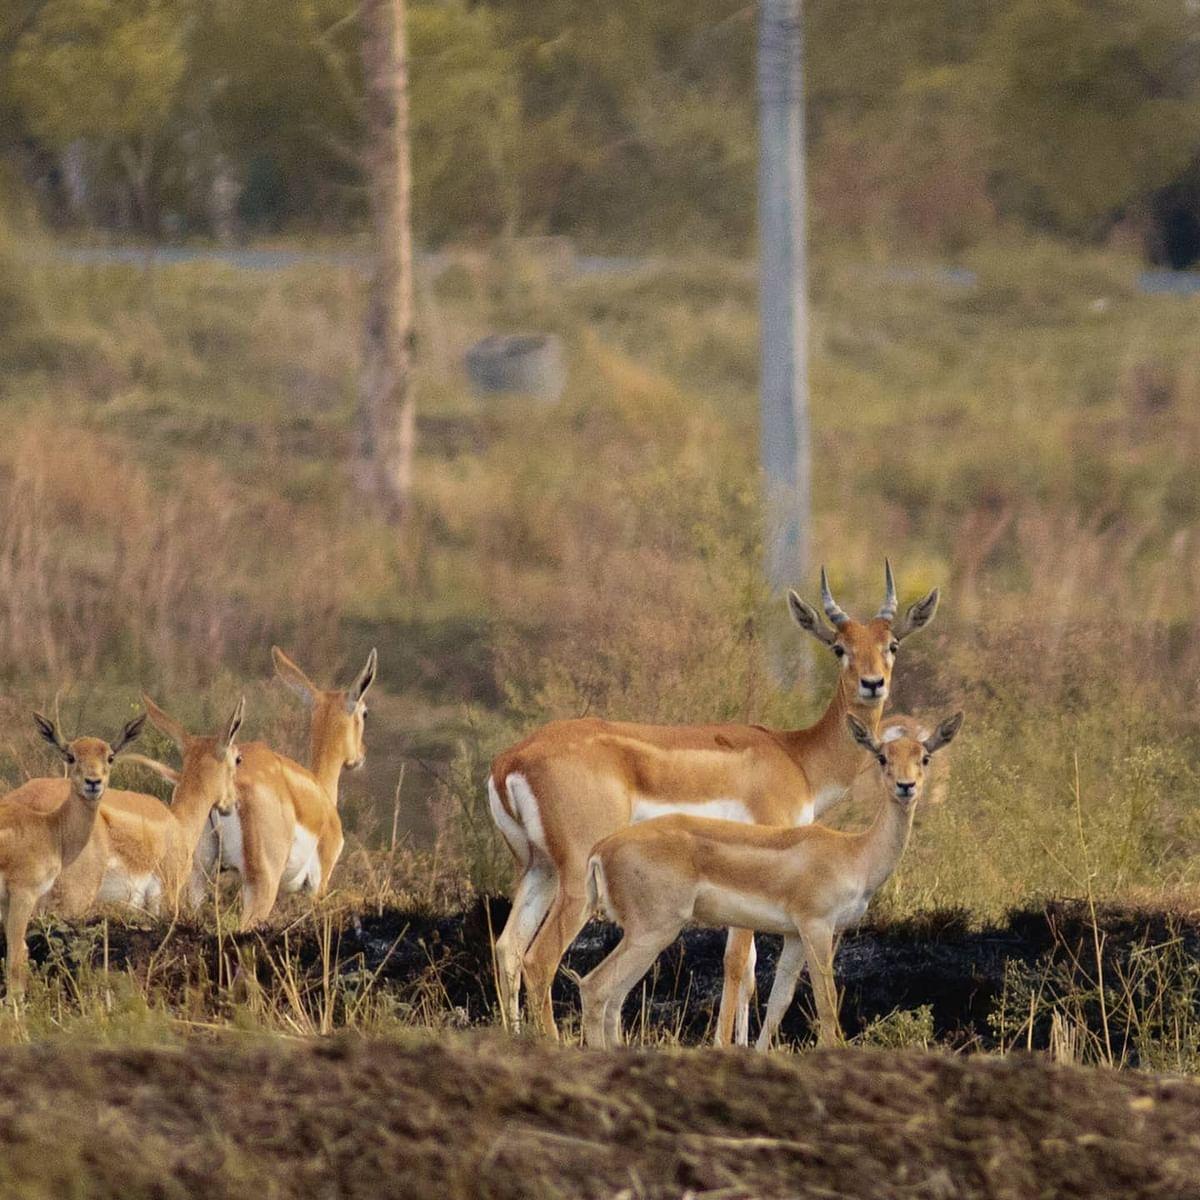 जंगलातील जलस्रोत आटल्याने, पाण्यासाठी वन्य प्राण्याची भटकंती